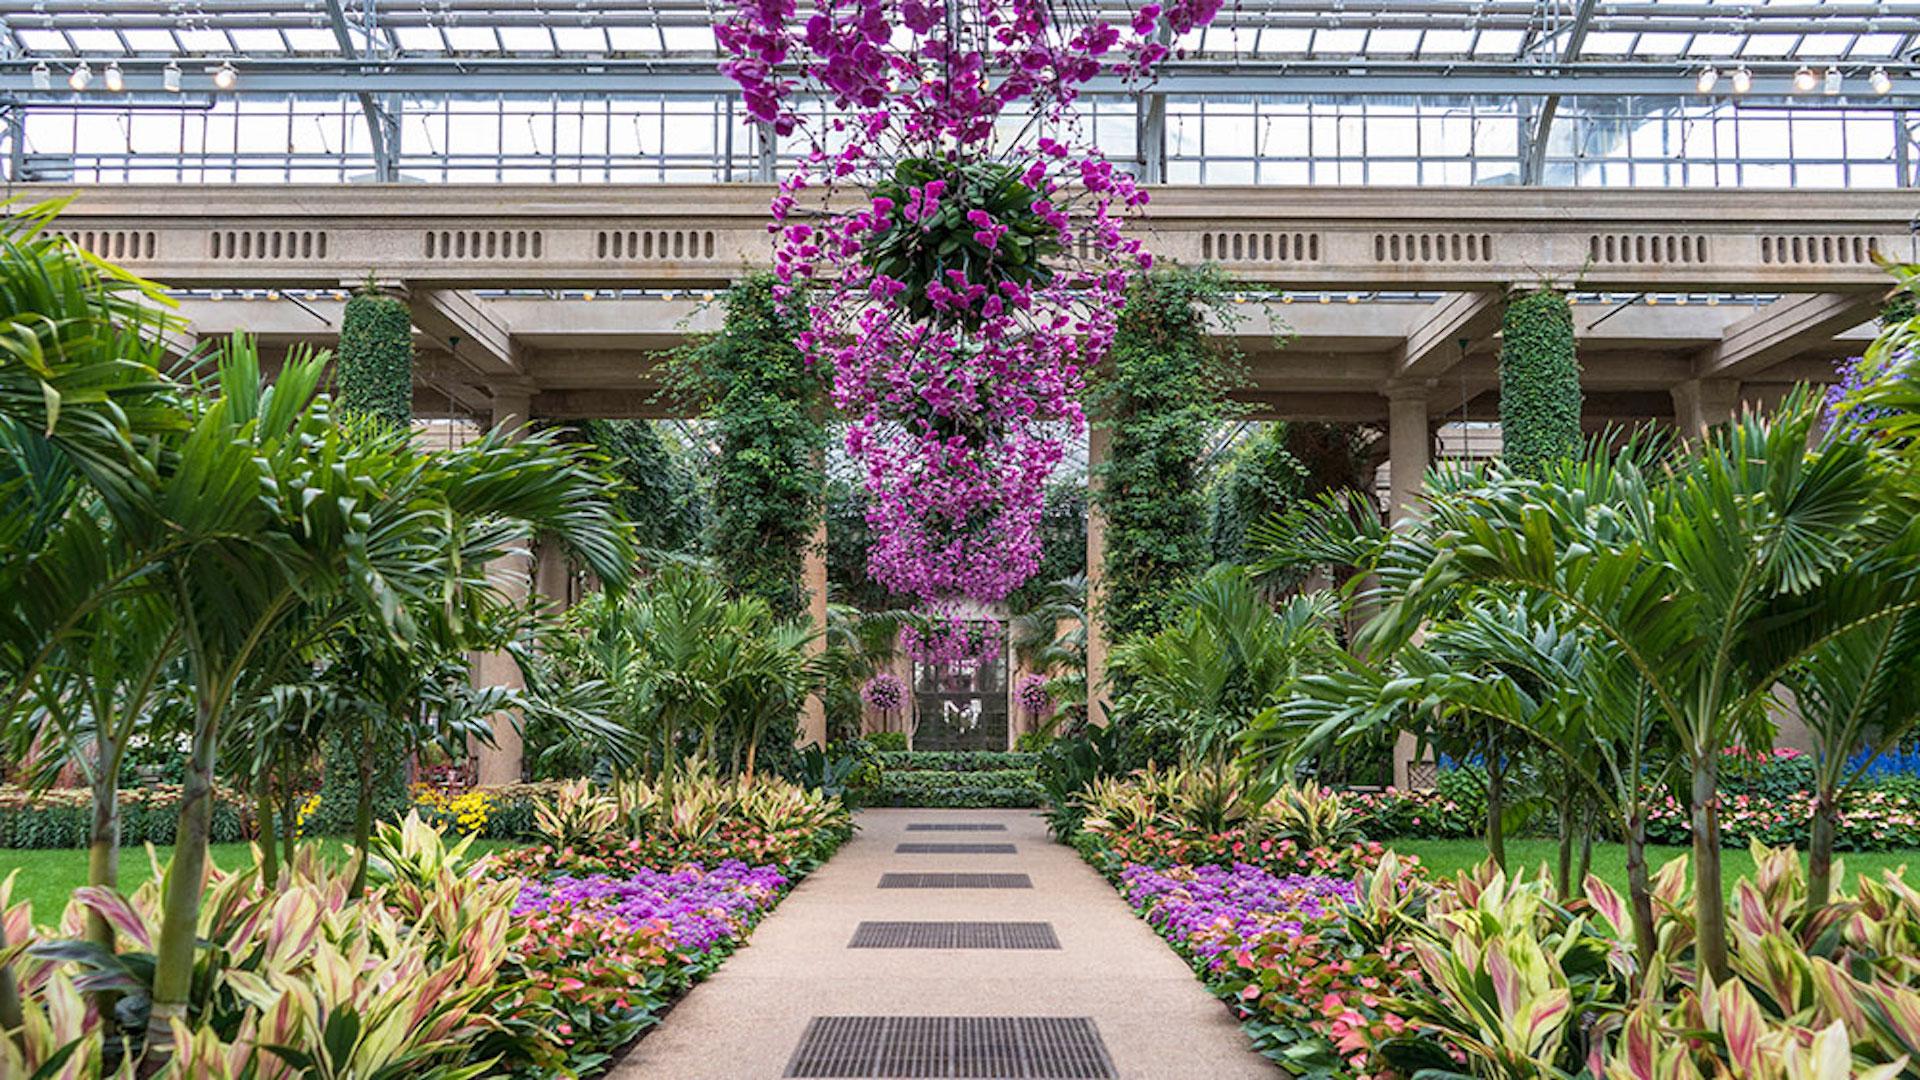 Image courtesy of Longwood Gardens